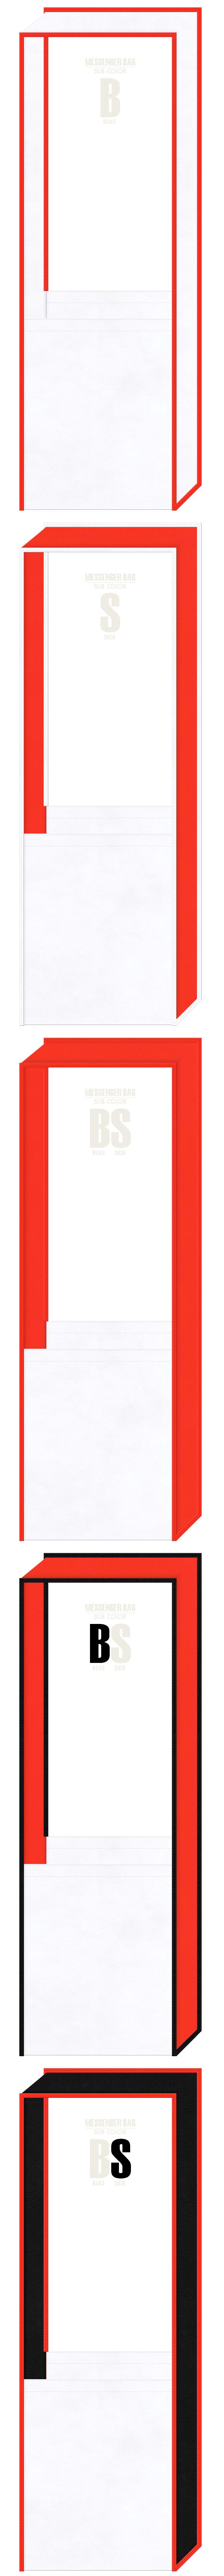 バスケットボール・スポーツイベントにお奨め:白色・オレンジ色・黒色の3色を使用した、不織布メッセンジャーバッグのデザイン